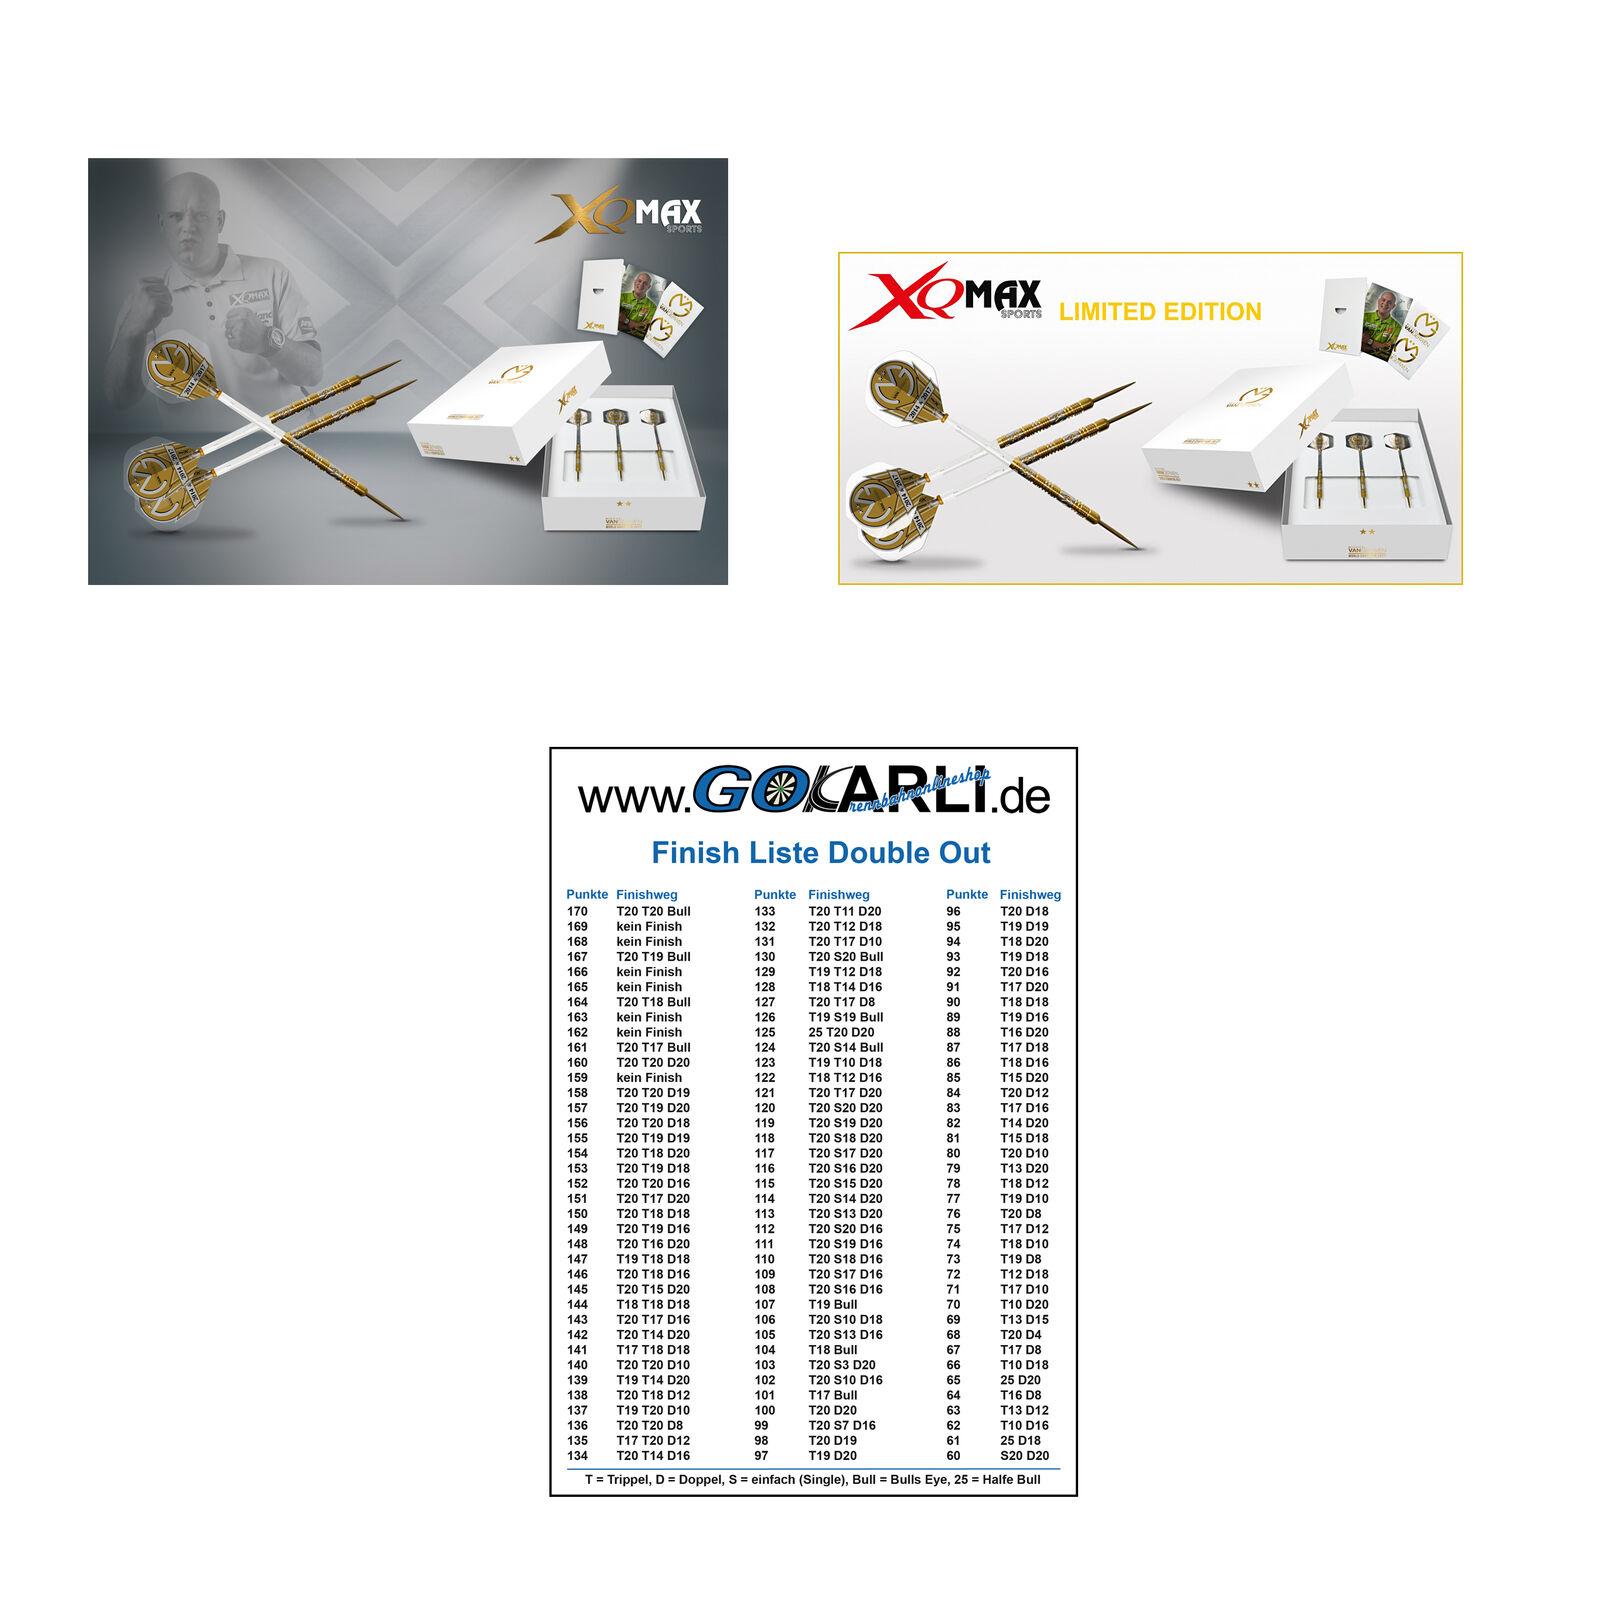 XQMax Michael van Gerwen World Champion 2017 Steel Dart Limited Limited Limited Edition  | Elegant Und Würdevoll  114e0c